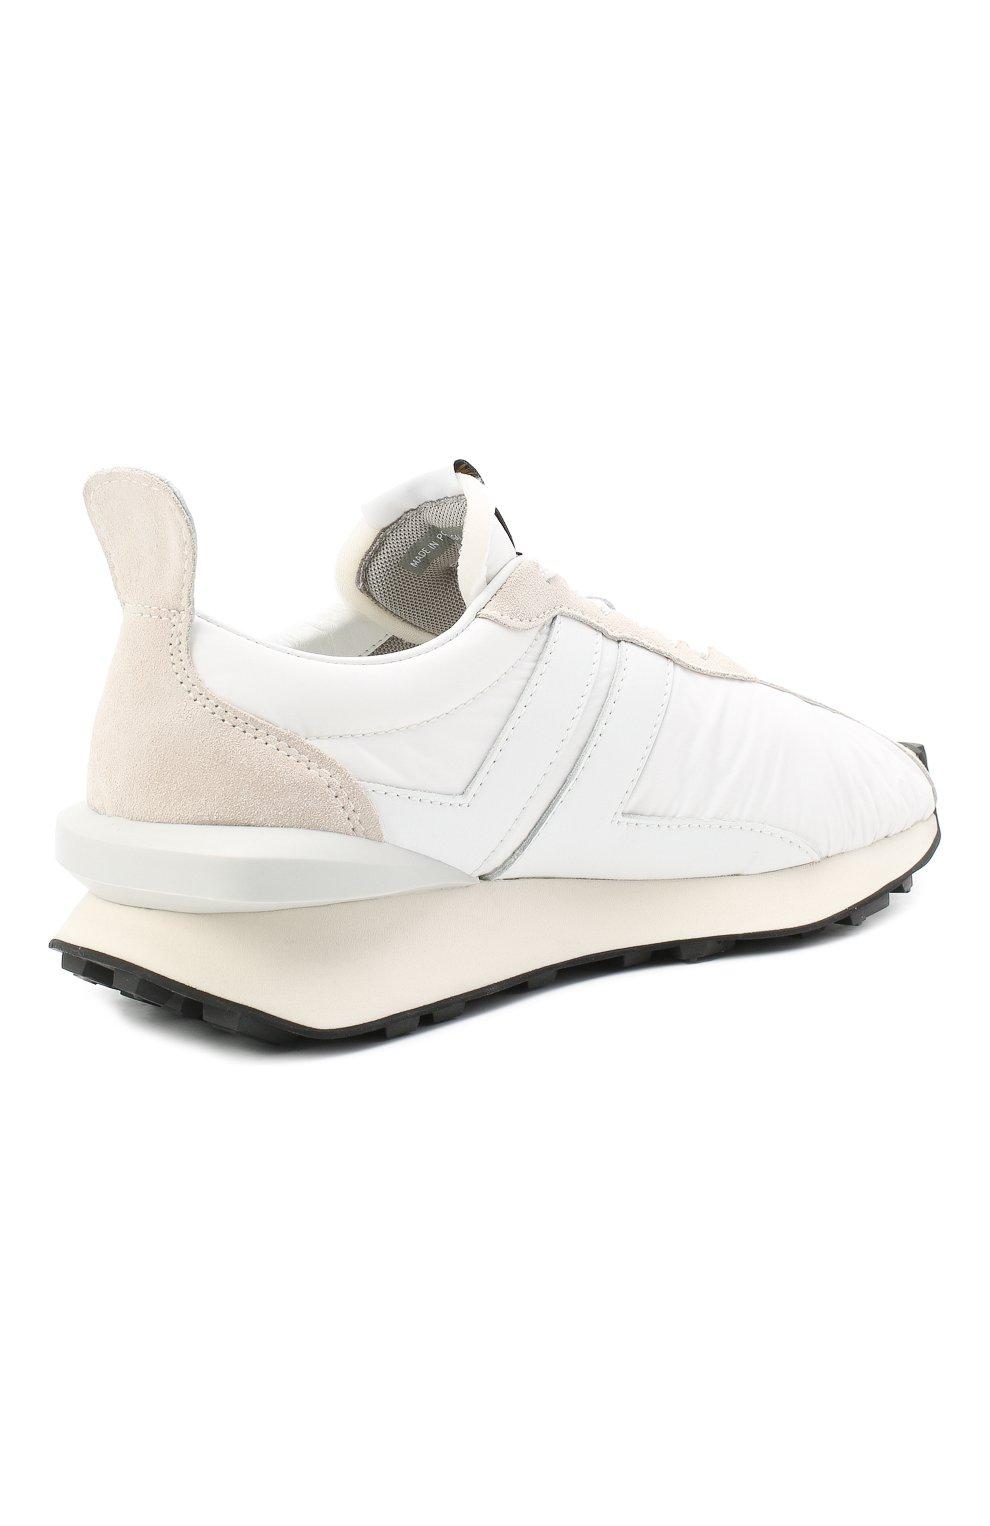 Мужские комбинированные кроссовки LANVIN белого цвета, арт. FM-SKBRUC-NYL0-A20 | Фото 4 (Материал внешний: Текстиль; Материал внутренний: Натуральная кожа, Текстиль; Стили: Гранж; Подошва: Массивная)